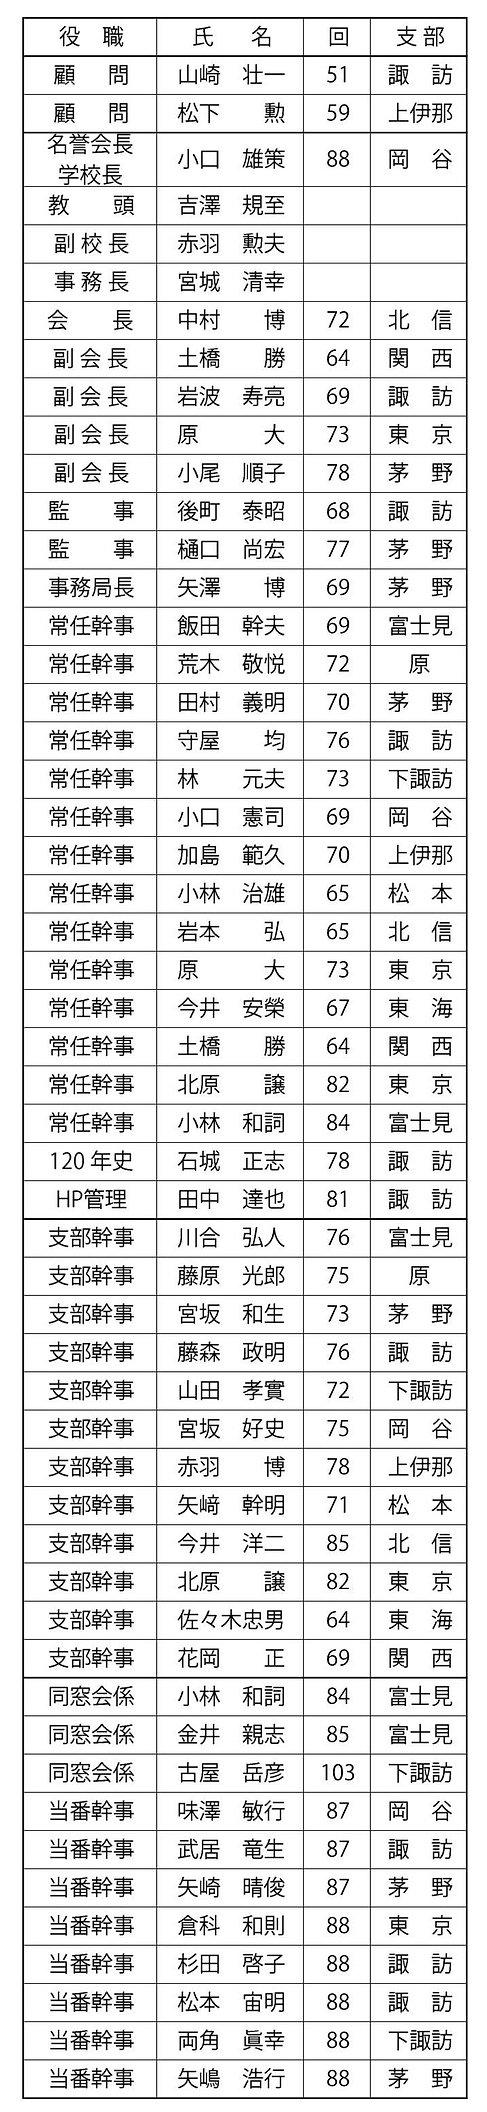 役員名簿一覧2021-06-17_1.jpg